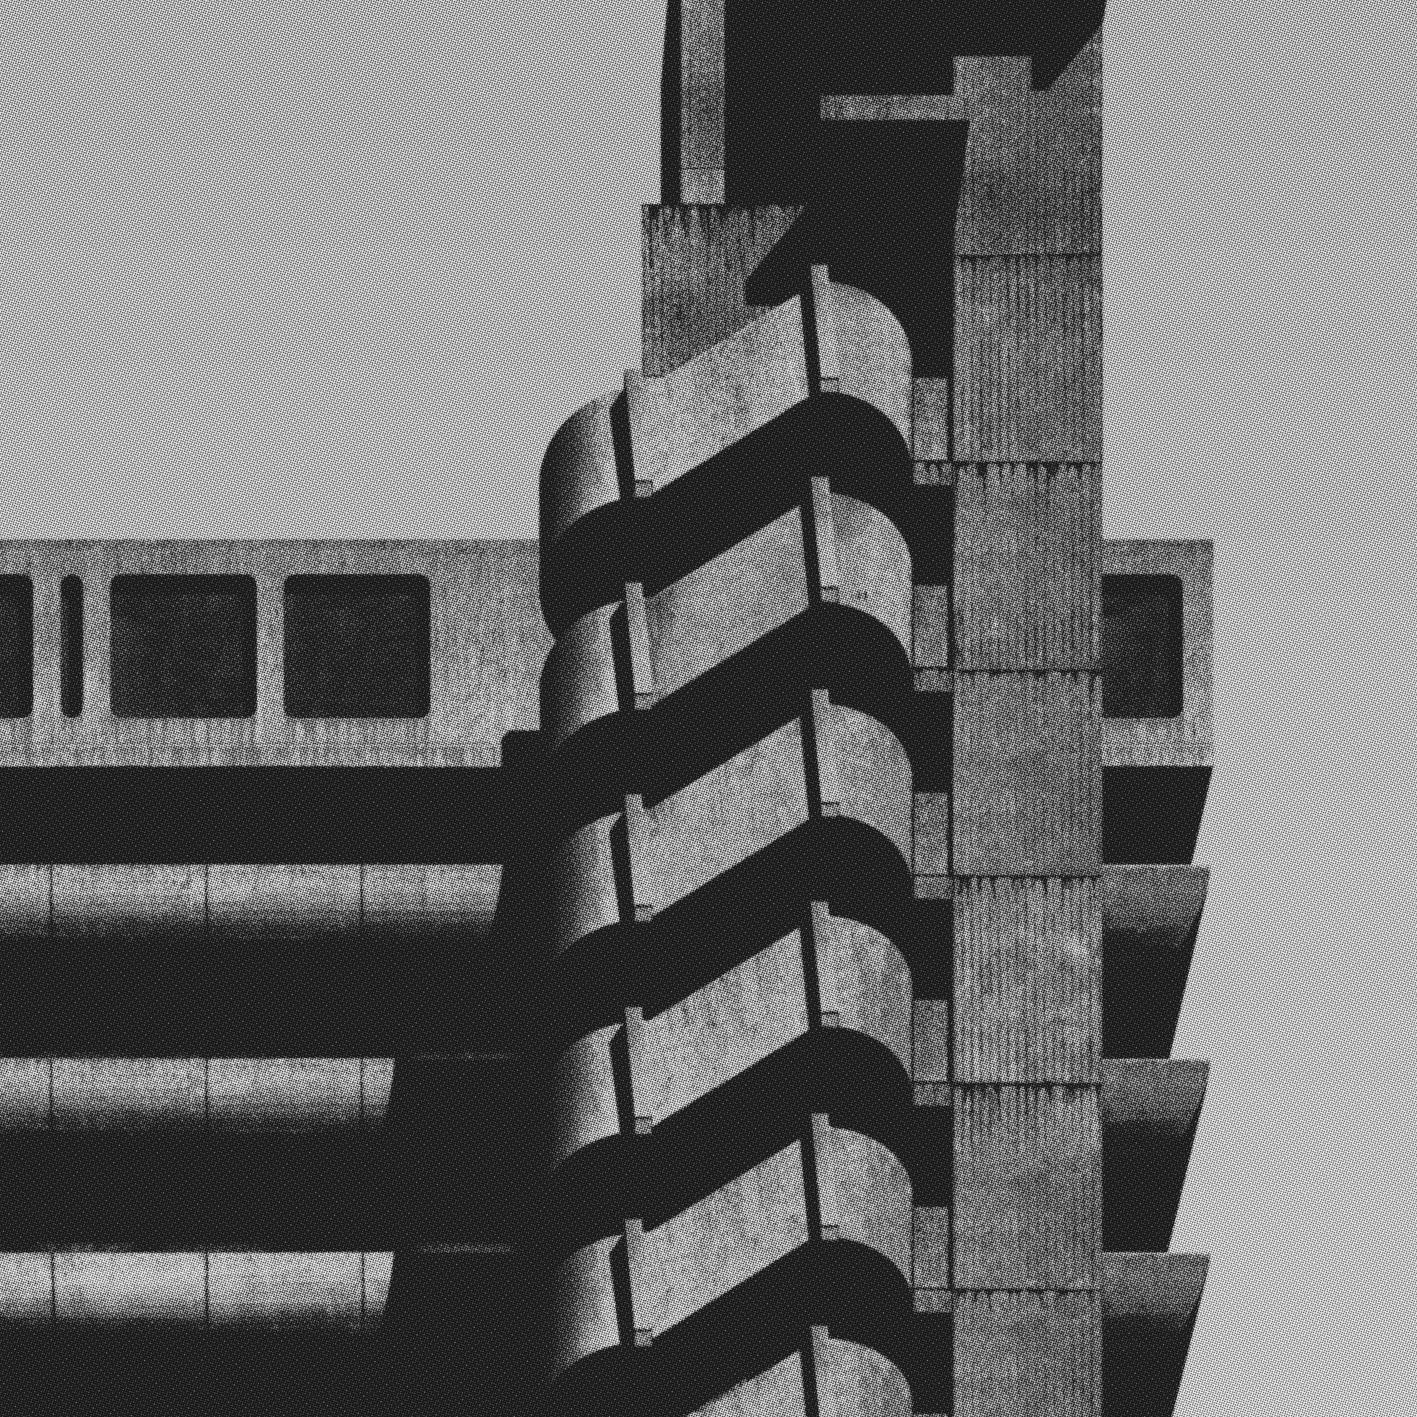 clemens-gritl-01a